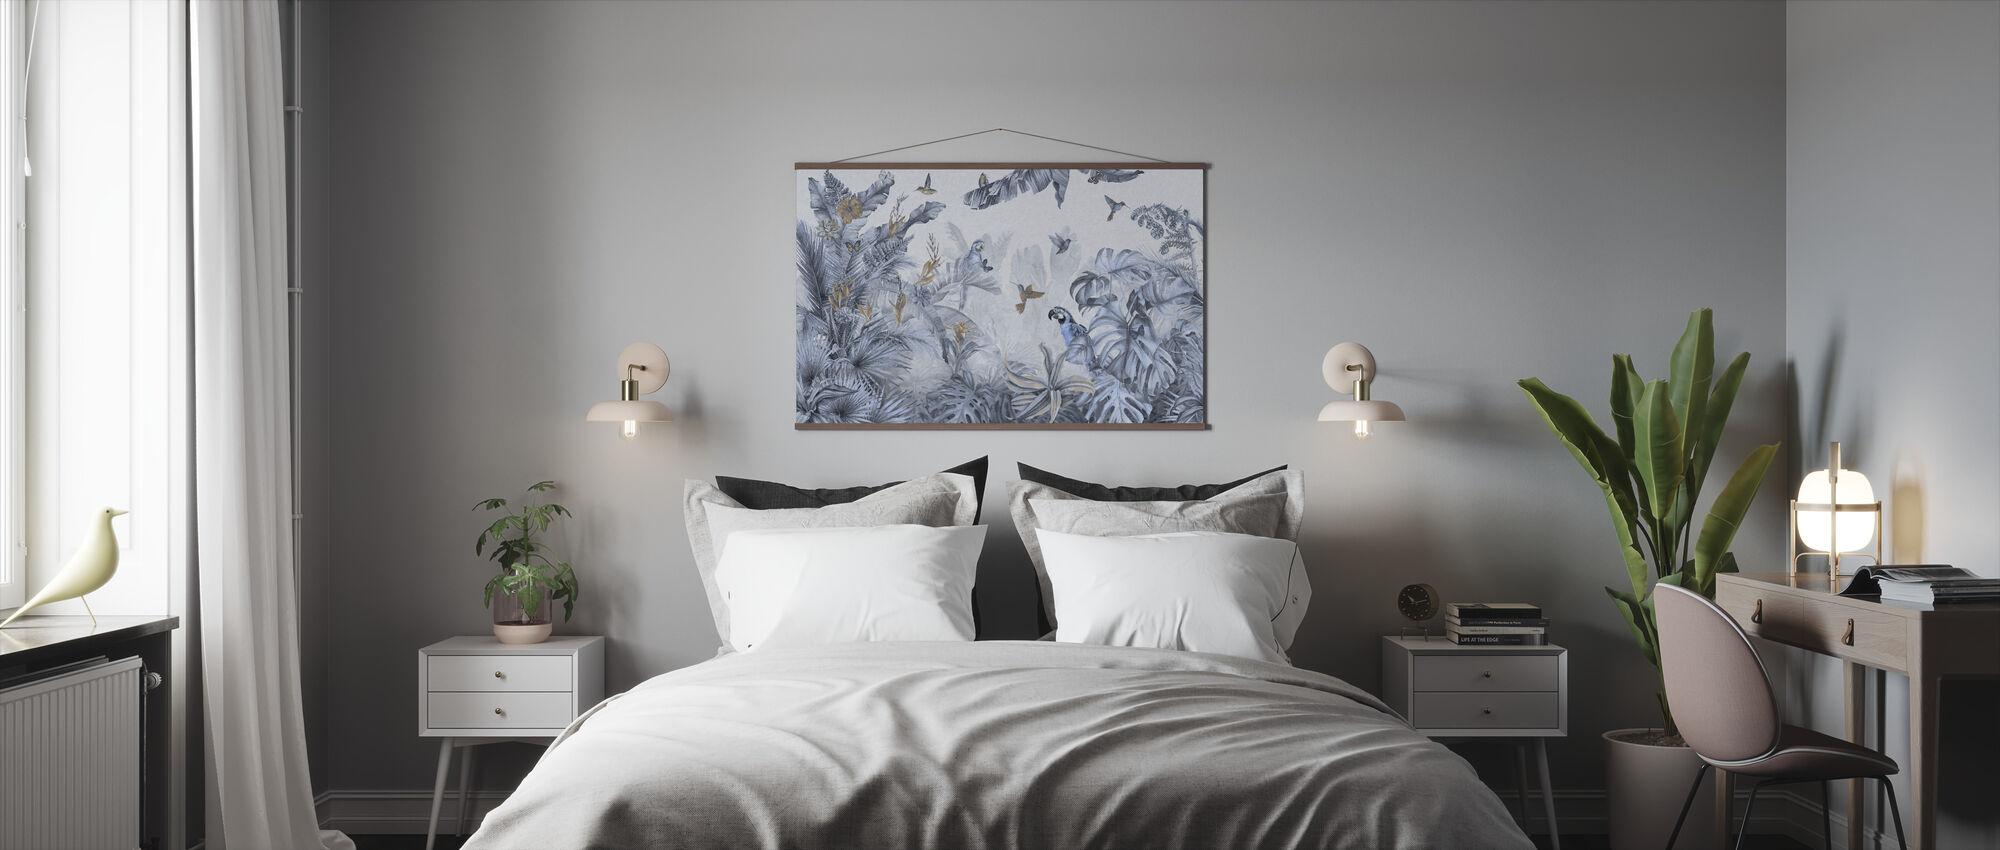 Papegaaien Paradijs - Blauw - Poster - Slaapkamer